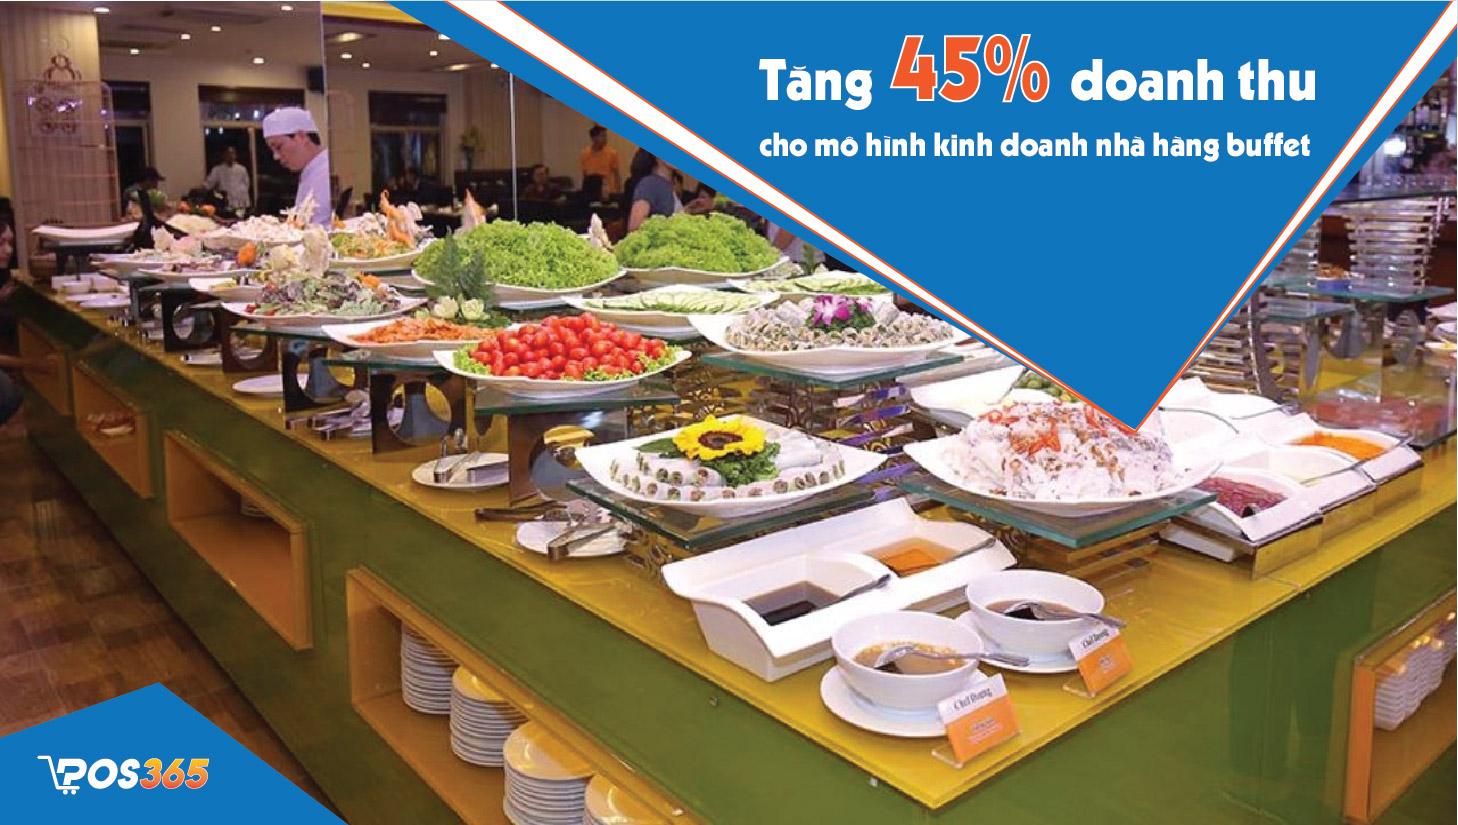 Tăng 45% doanh thu cho mô hình kinh doanh nhà hàng buffet